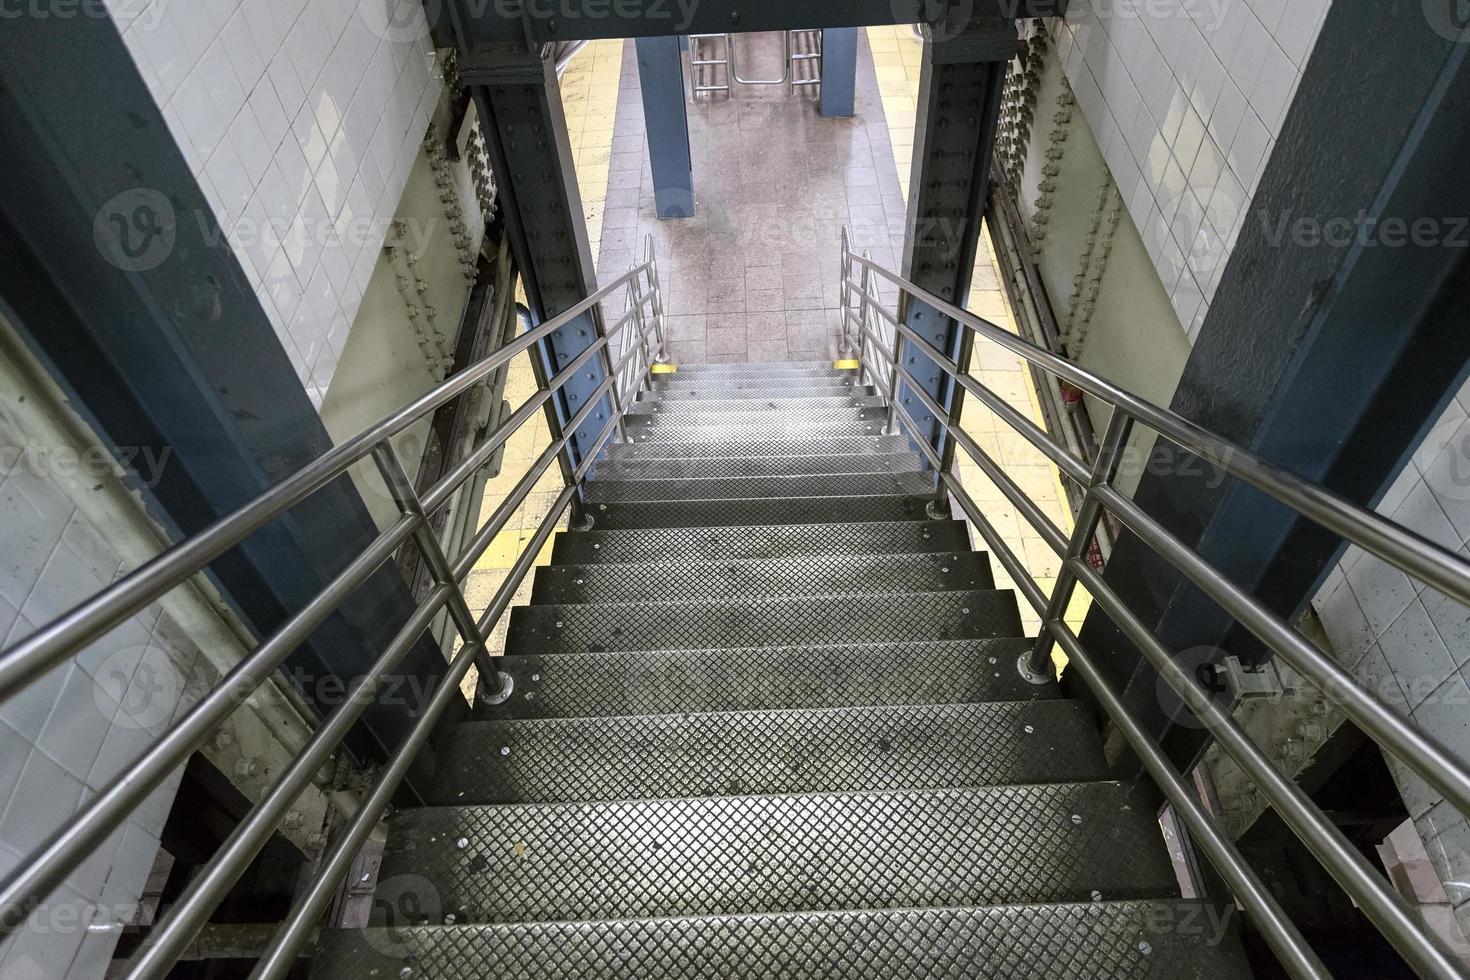 escaliers menant à la station de métro à new york city photo